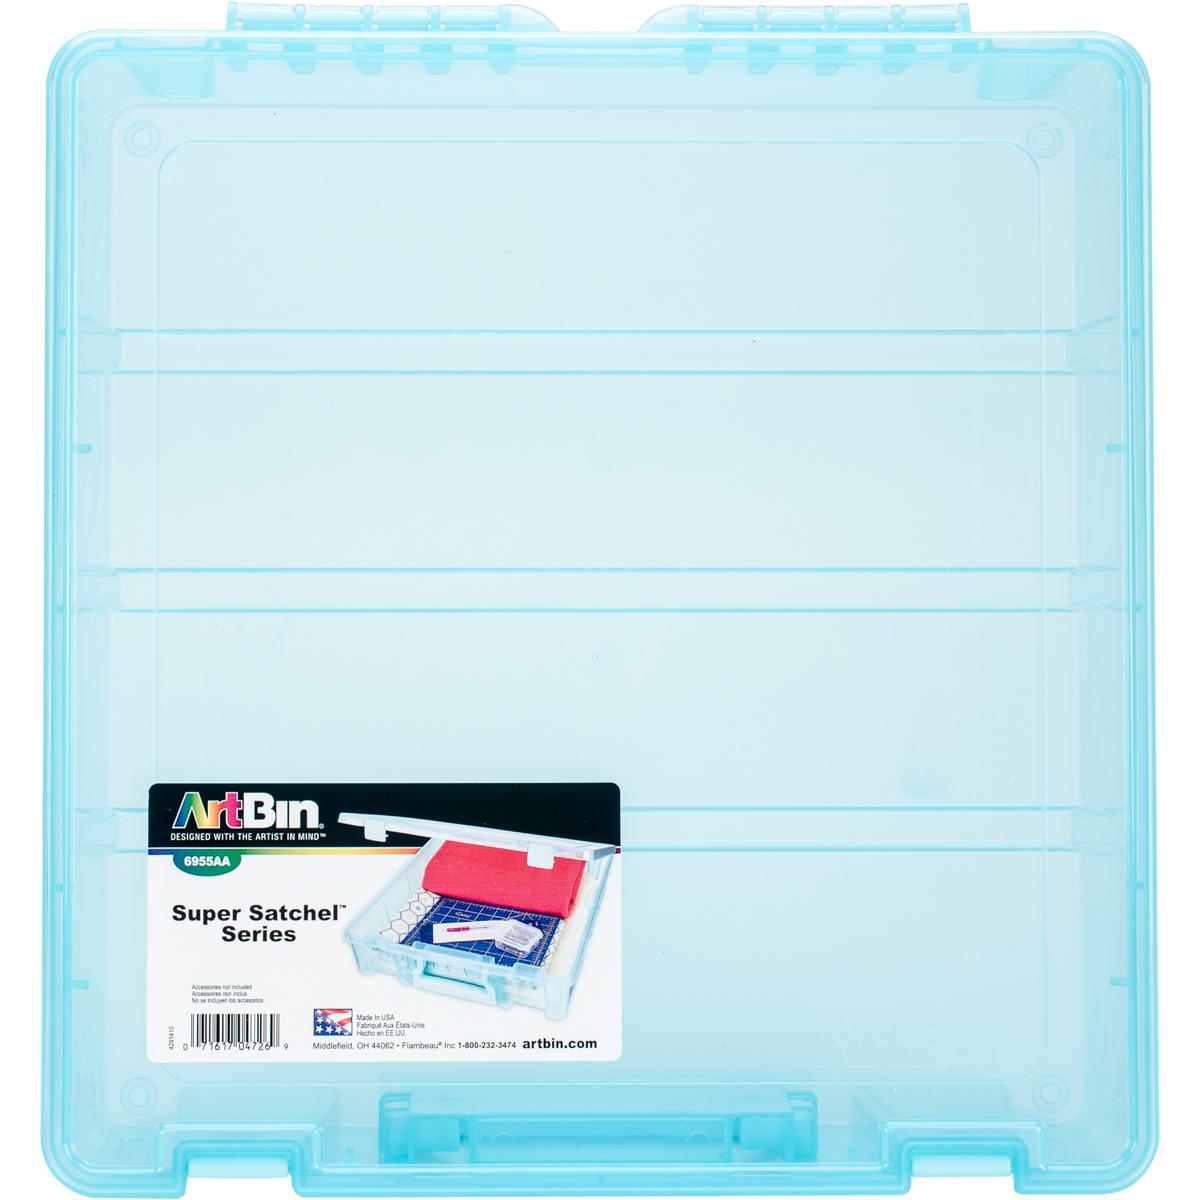 ArtBin Super Satchel Single Compartment-15.25X14X3.5 Aqua Mist